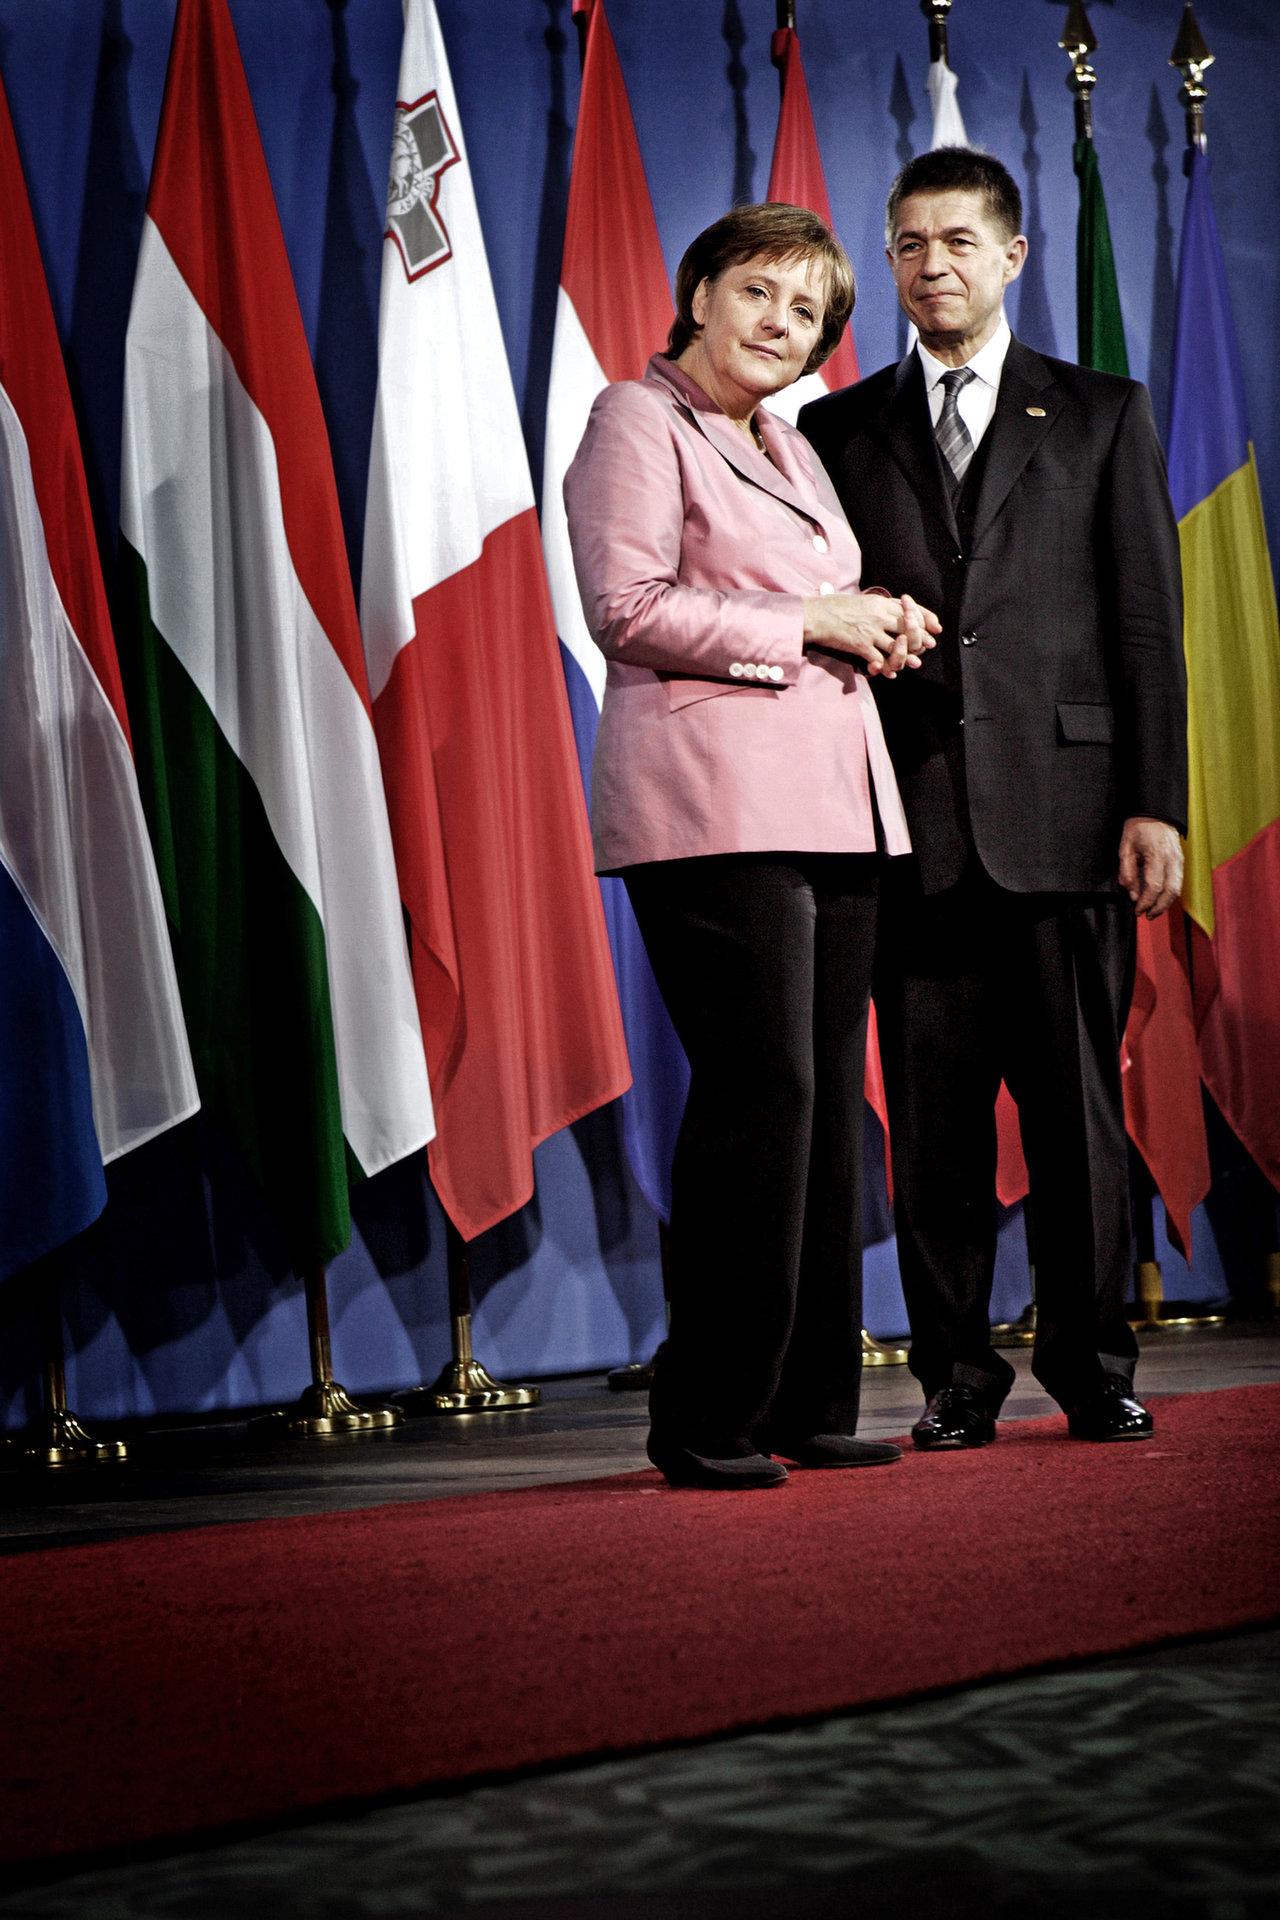 Angela Merkel and her husband